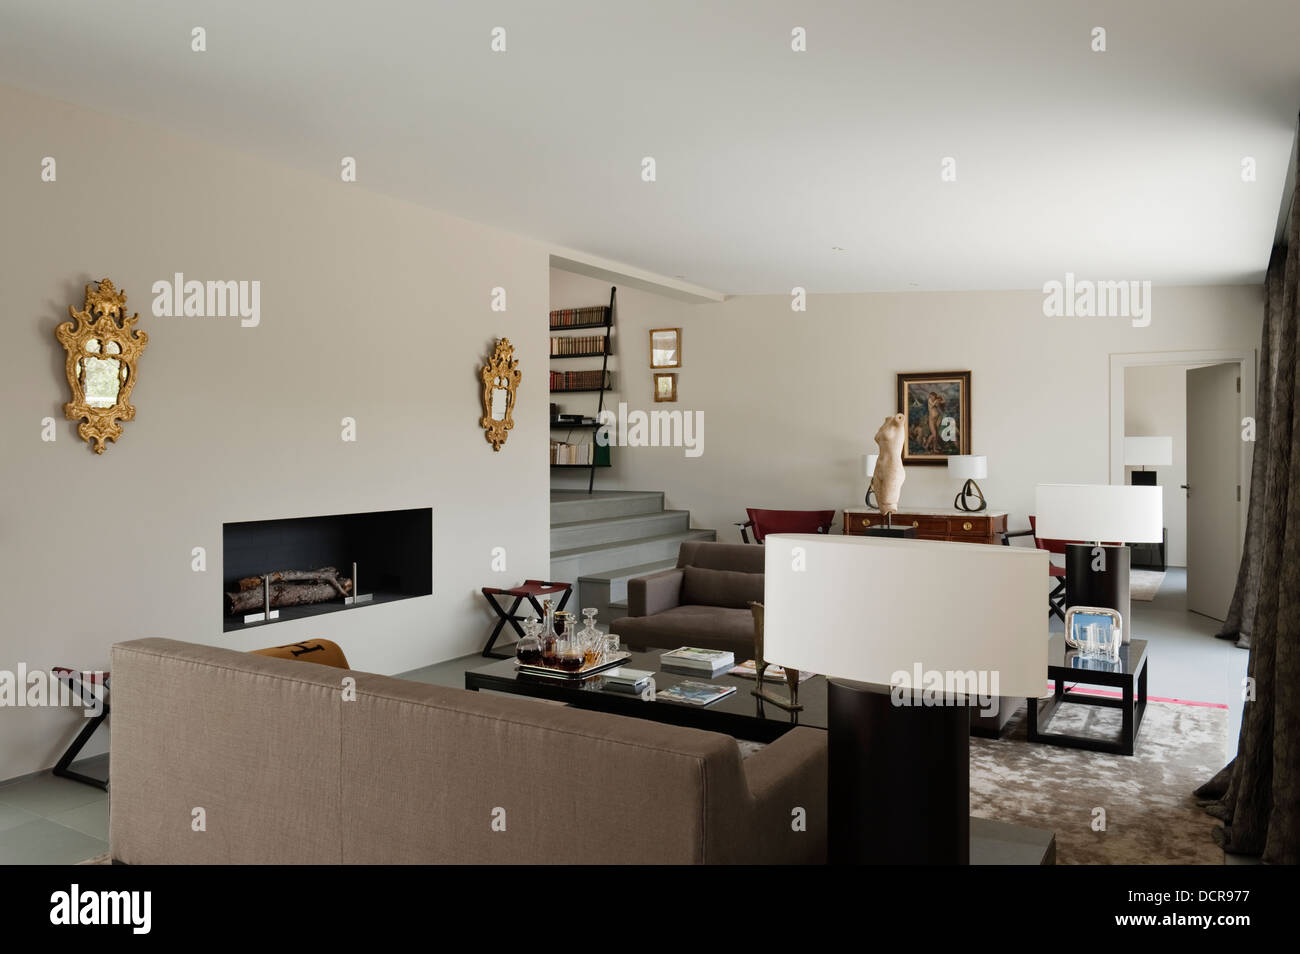 Arredamento Moderno Casa : Arredamento moderno di casa di vacanze in provenza progettato e